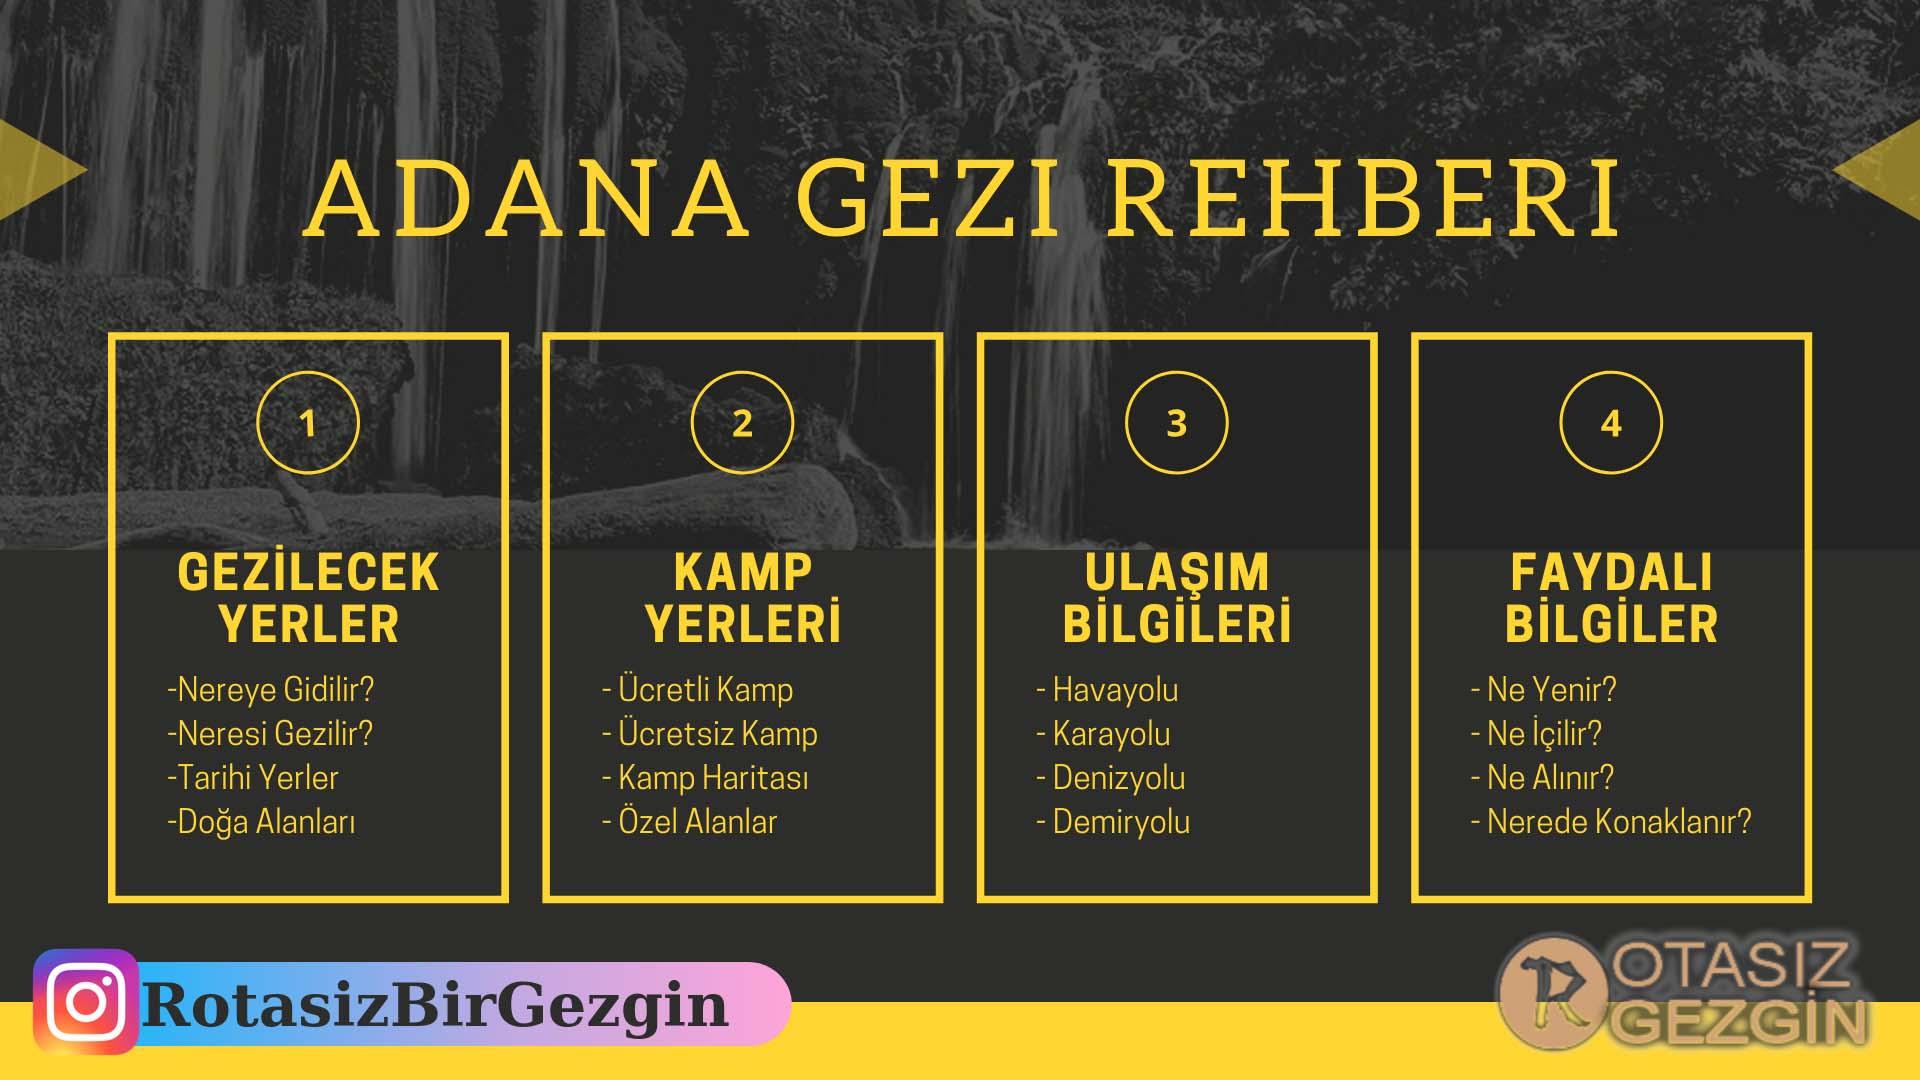 1 Adana Gezi Rehberi, Gezilecek Yerler